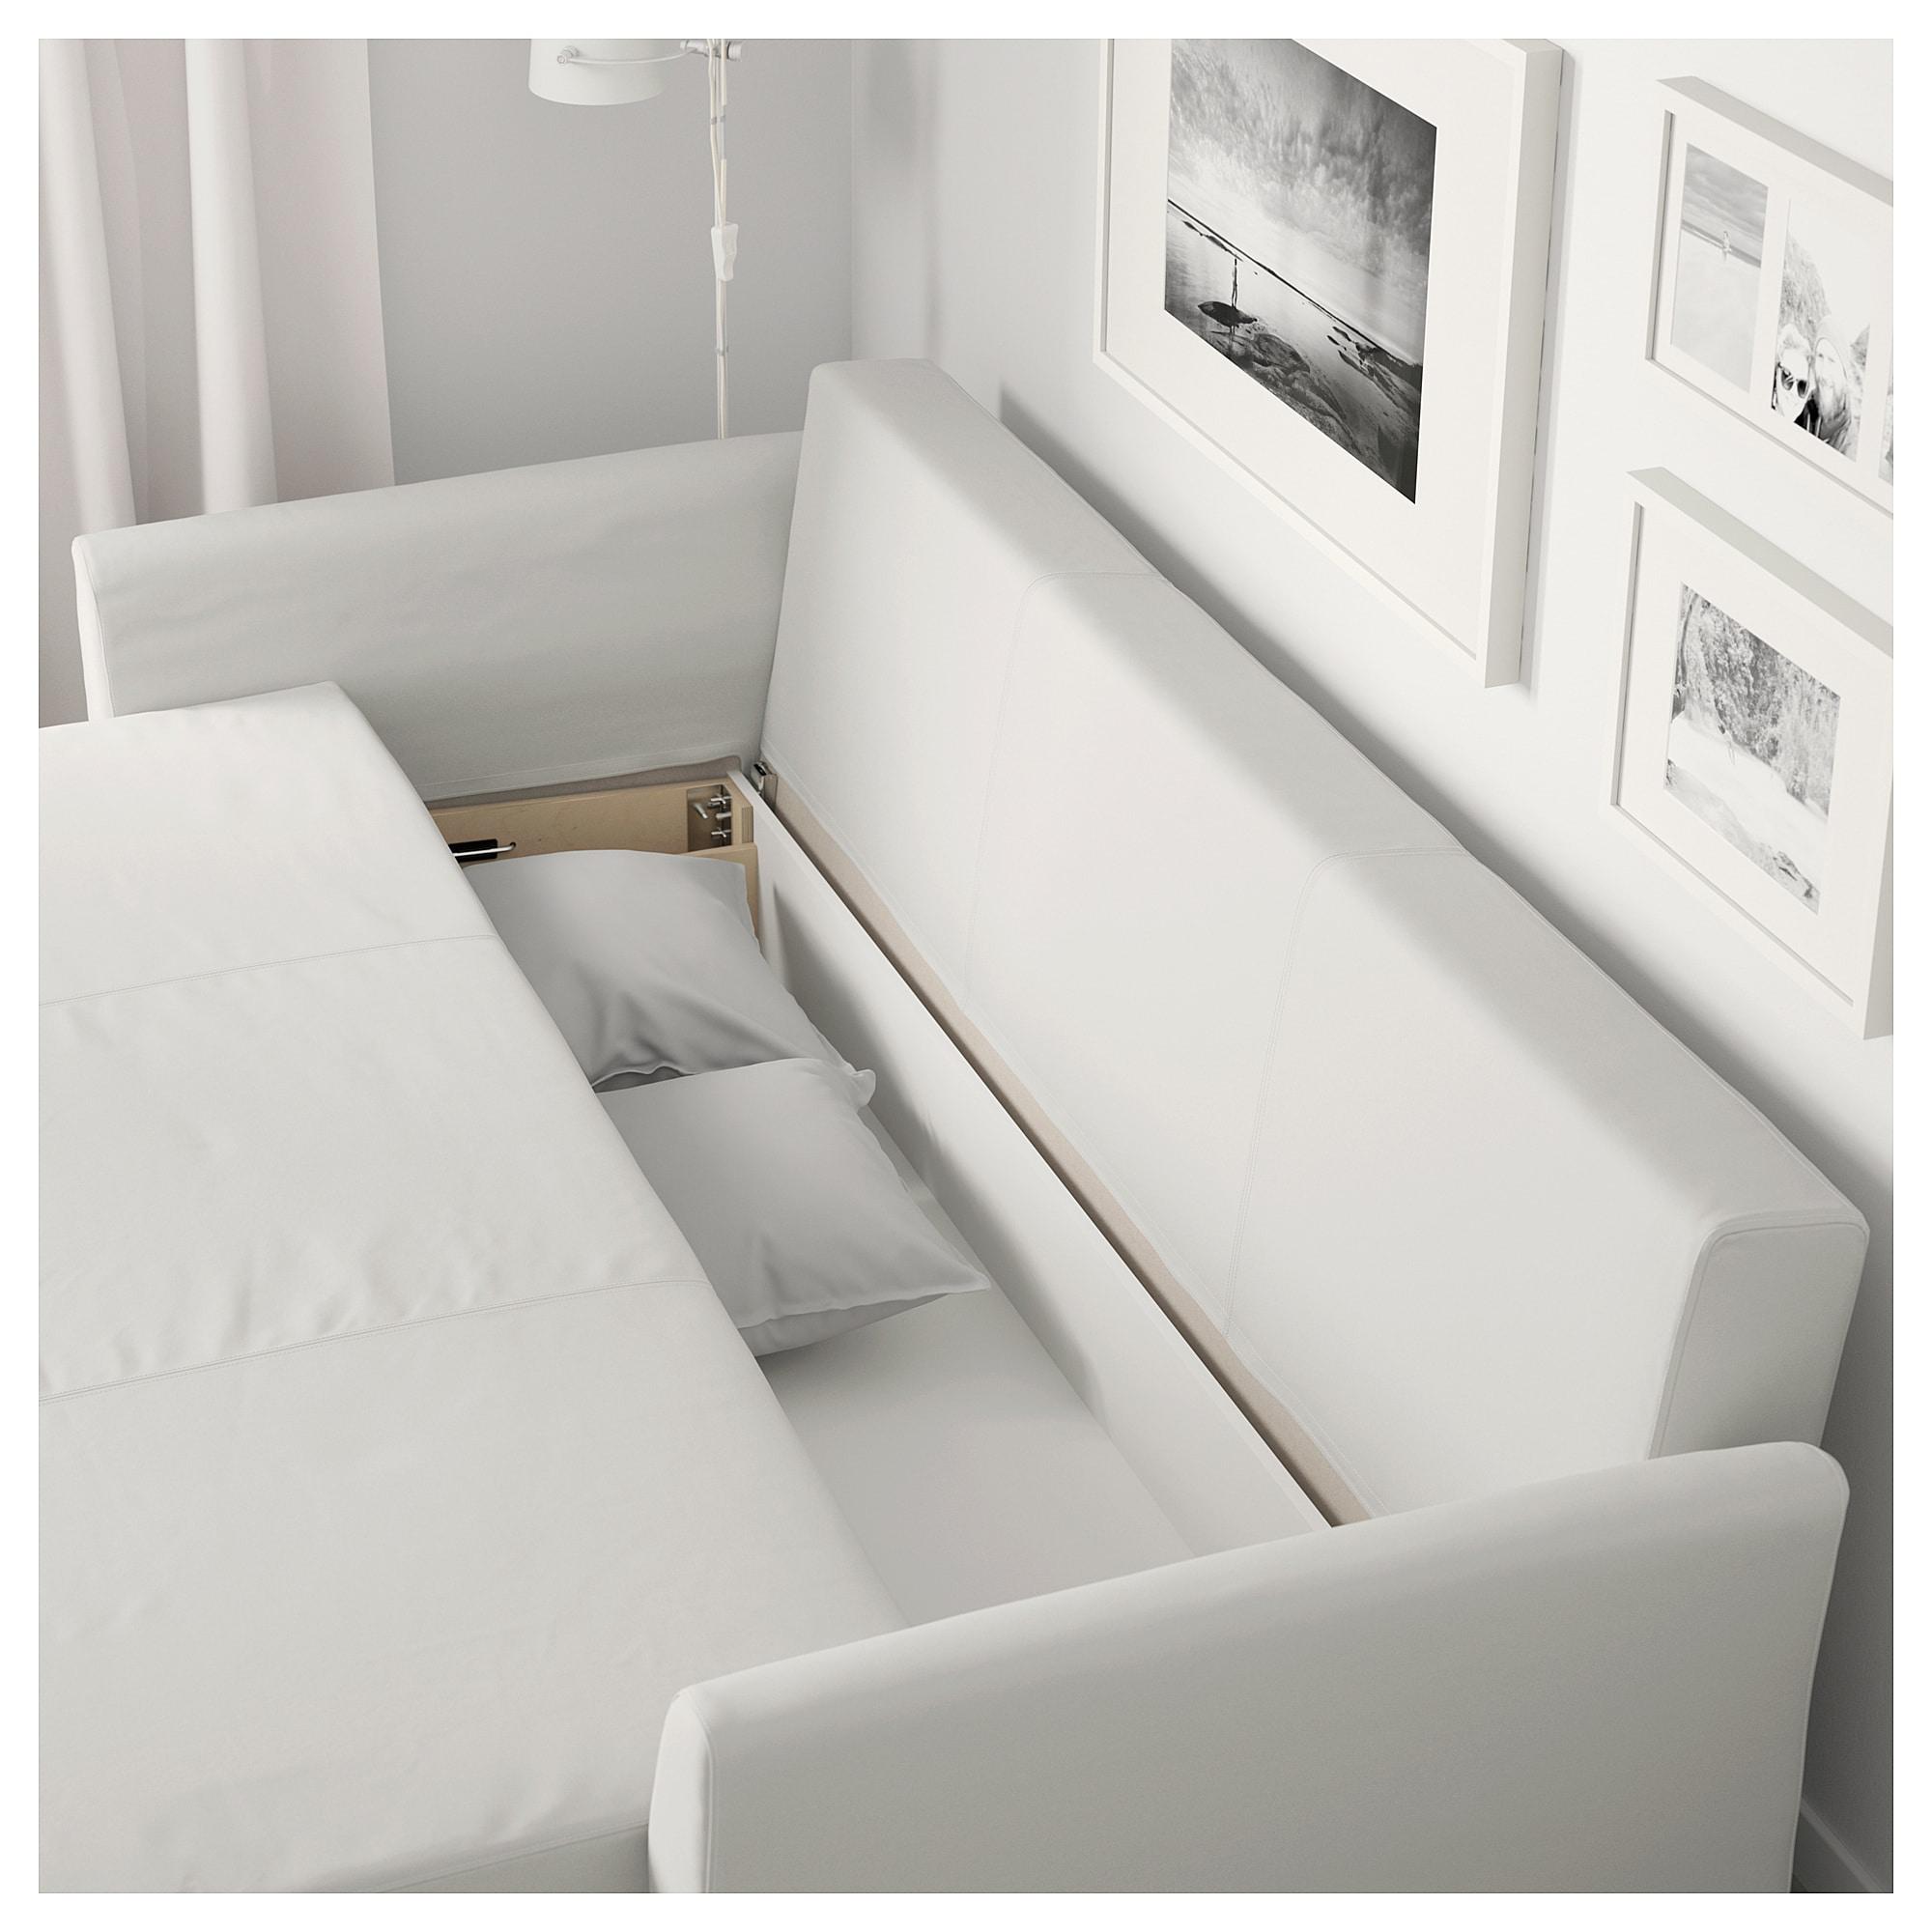 Housse Canape Ikea Ancien Modele Meilleur De Stock Holmsund Convertible 3 Places orrsta Blanc Gris Clair Ikea